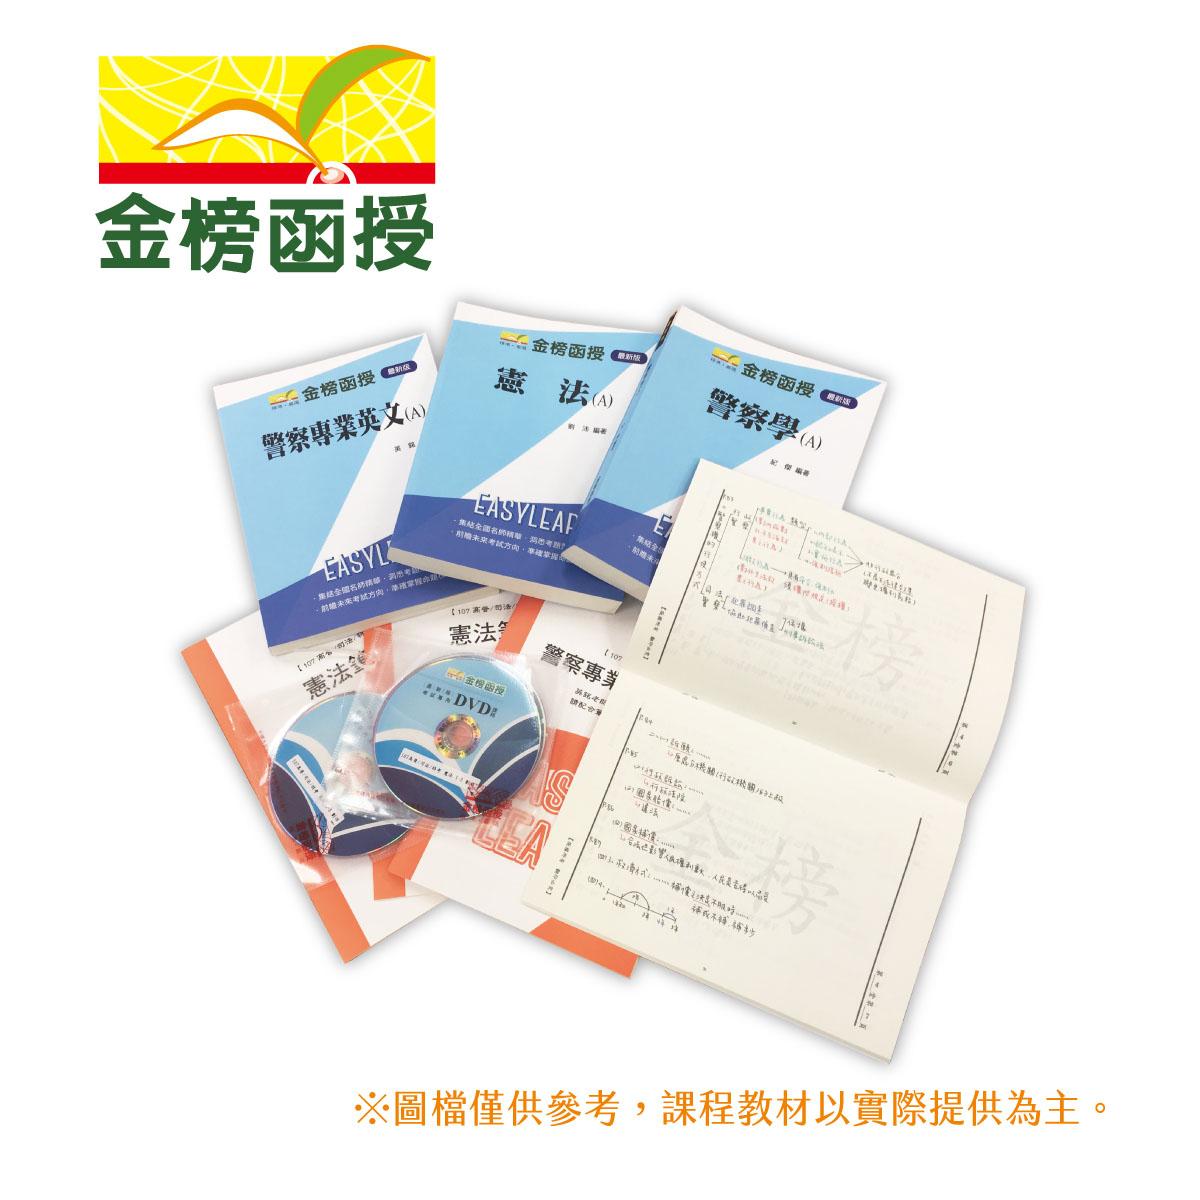 107金榜函授/行政法主题/行政法主题式/单科/云端/第11回/孙权